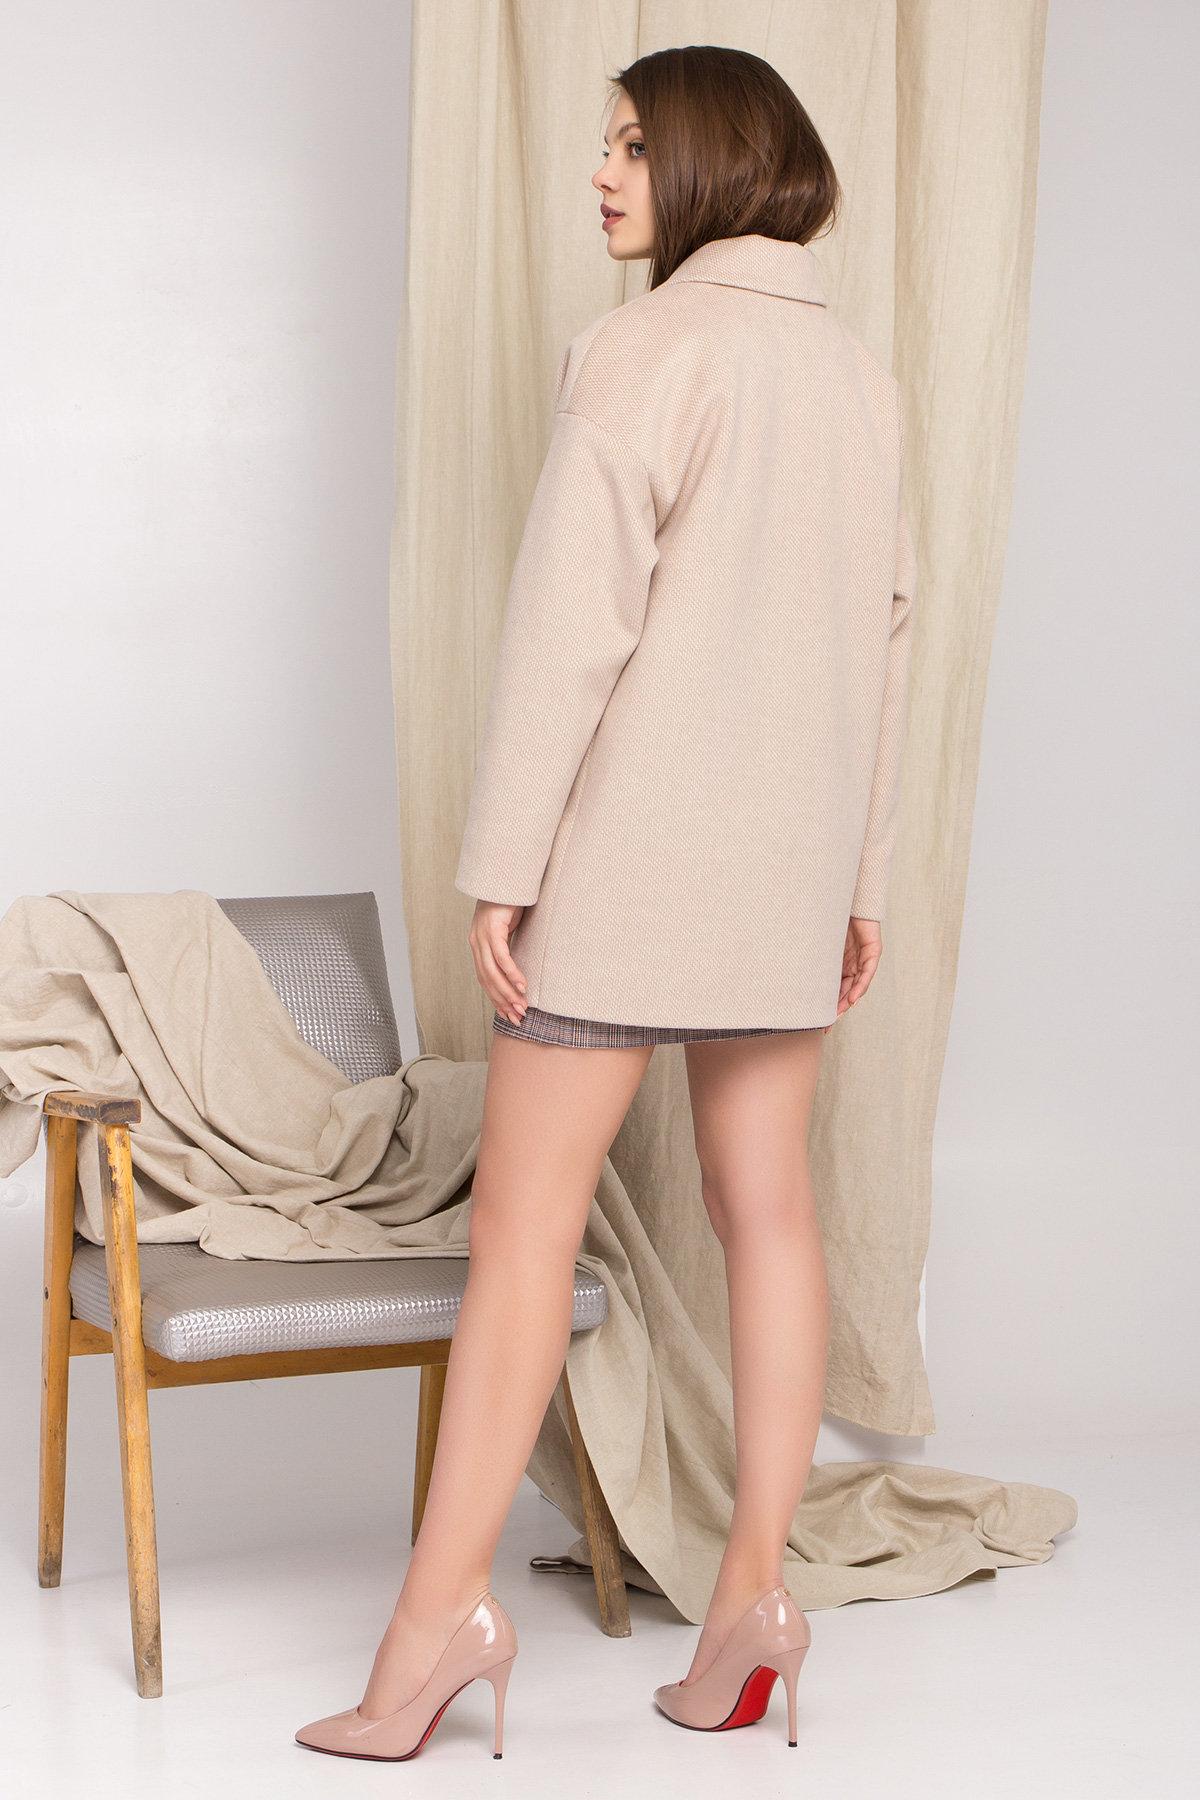 Демисезонное двубортное пальто Бонд 8927 АРТ. 45227 Цвет: Бежевый Светлый - фото 6, интернет магазин tm-modus.ru